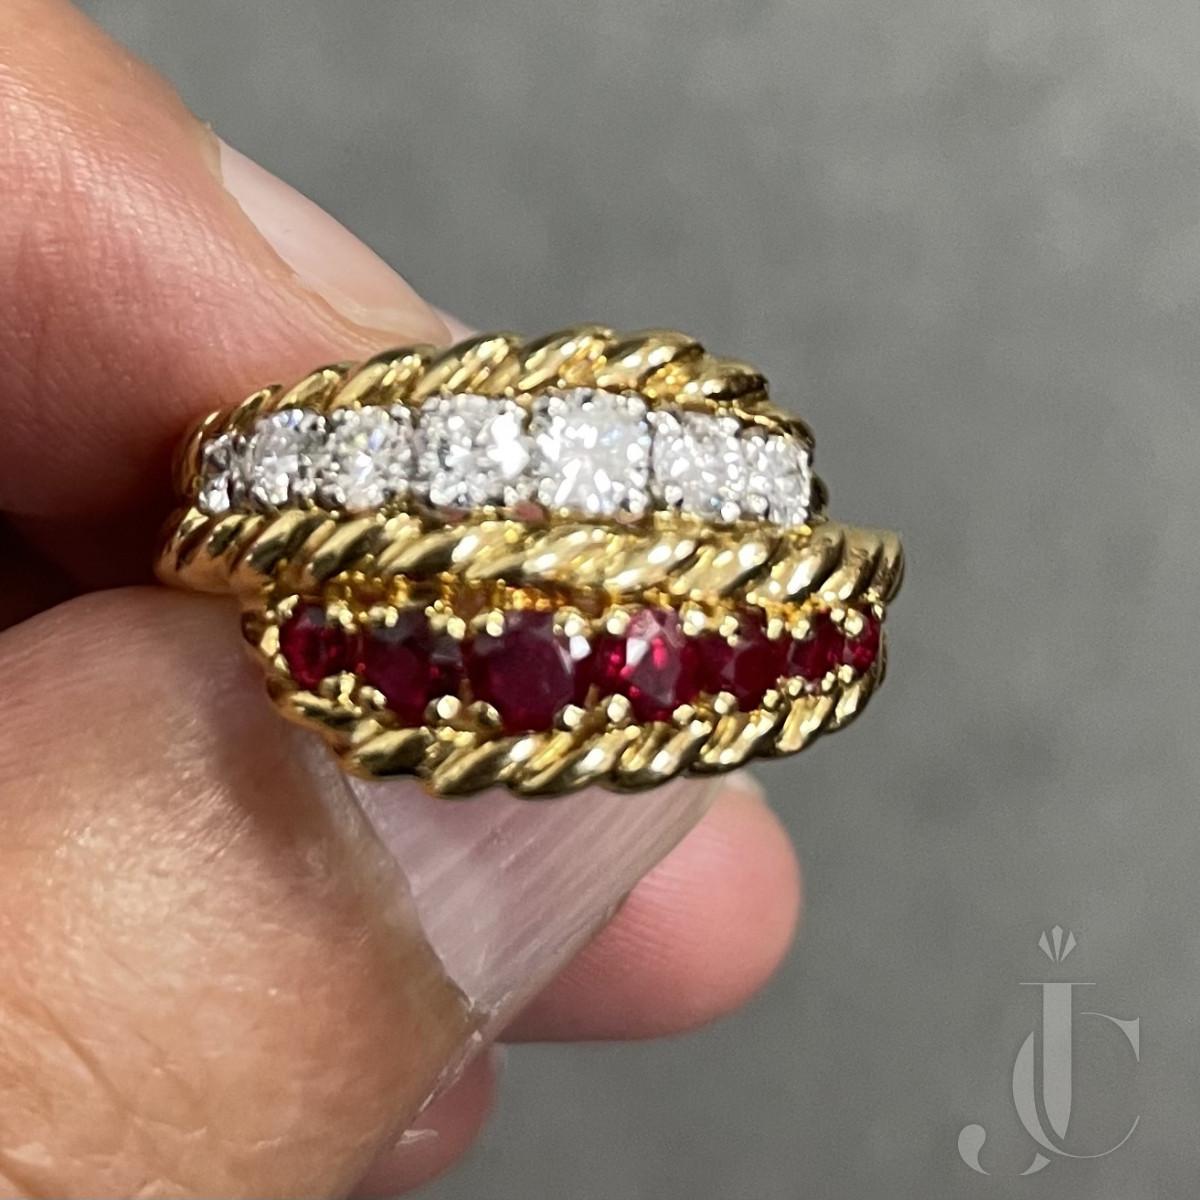 Van Cleef & Arpels Ruby and Diamond Ring in 18KT YG